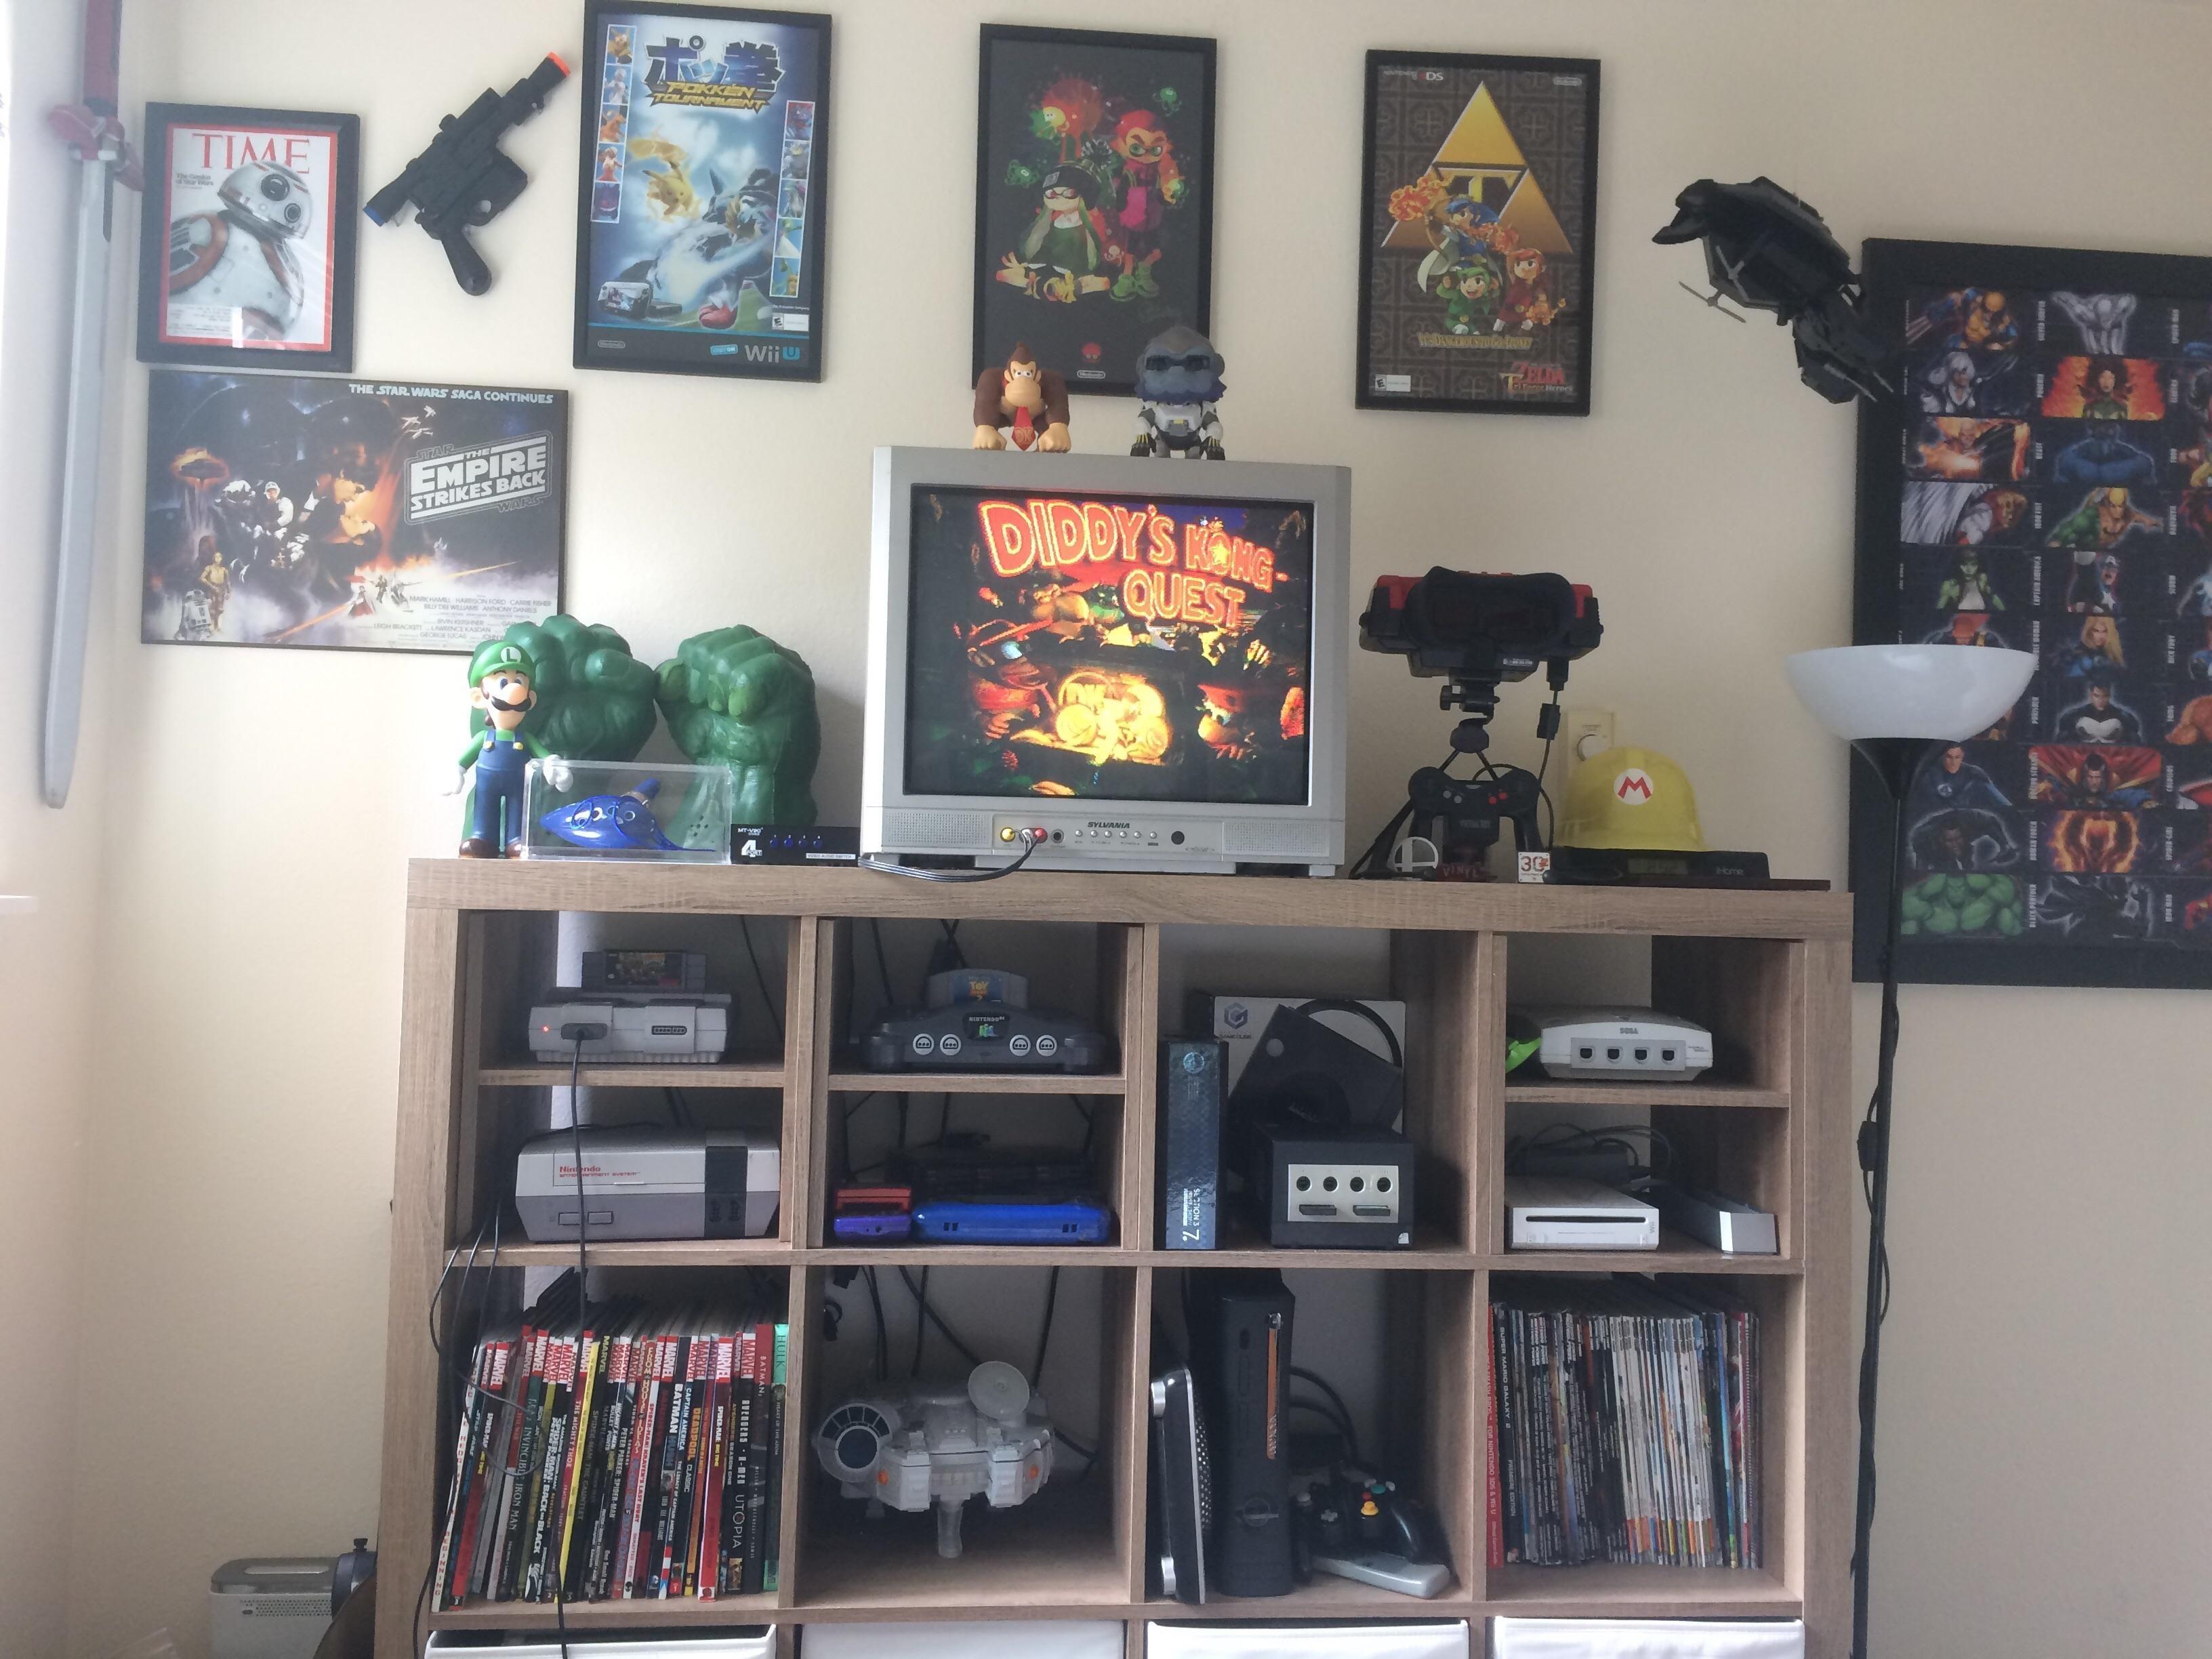 Gaming Desks Game Room Design Games Room Inspiration Game Room